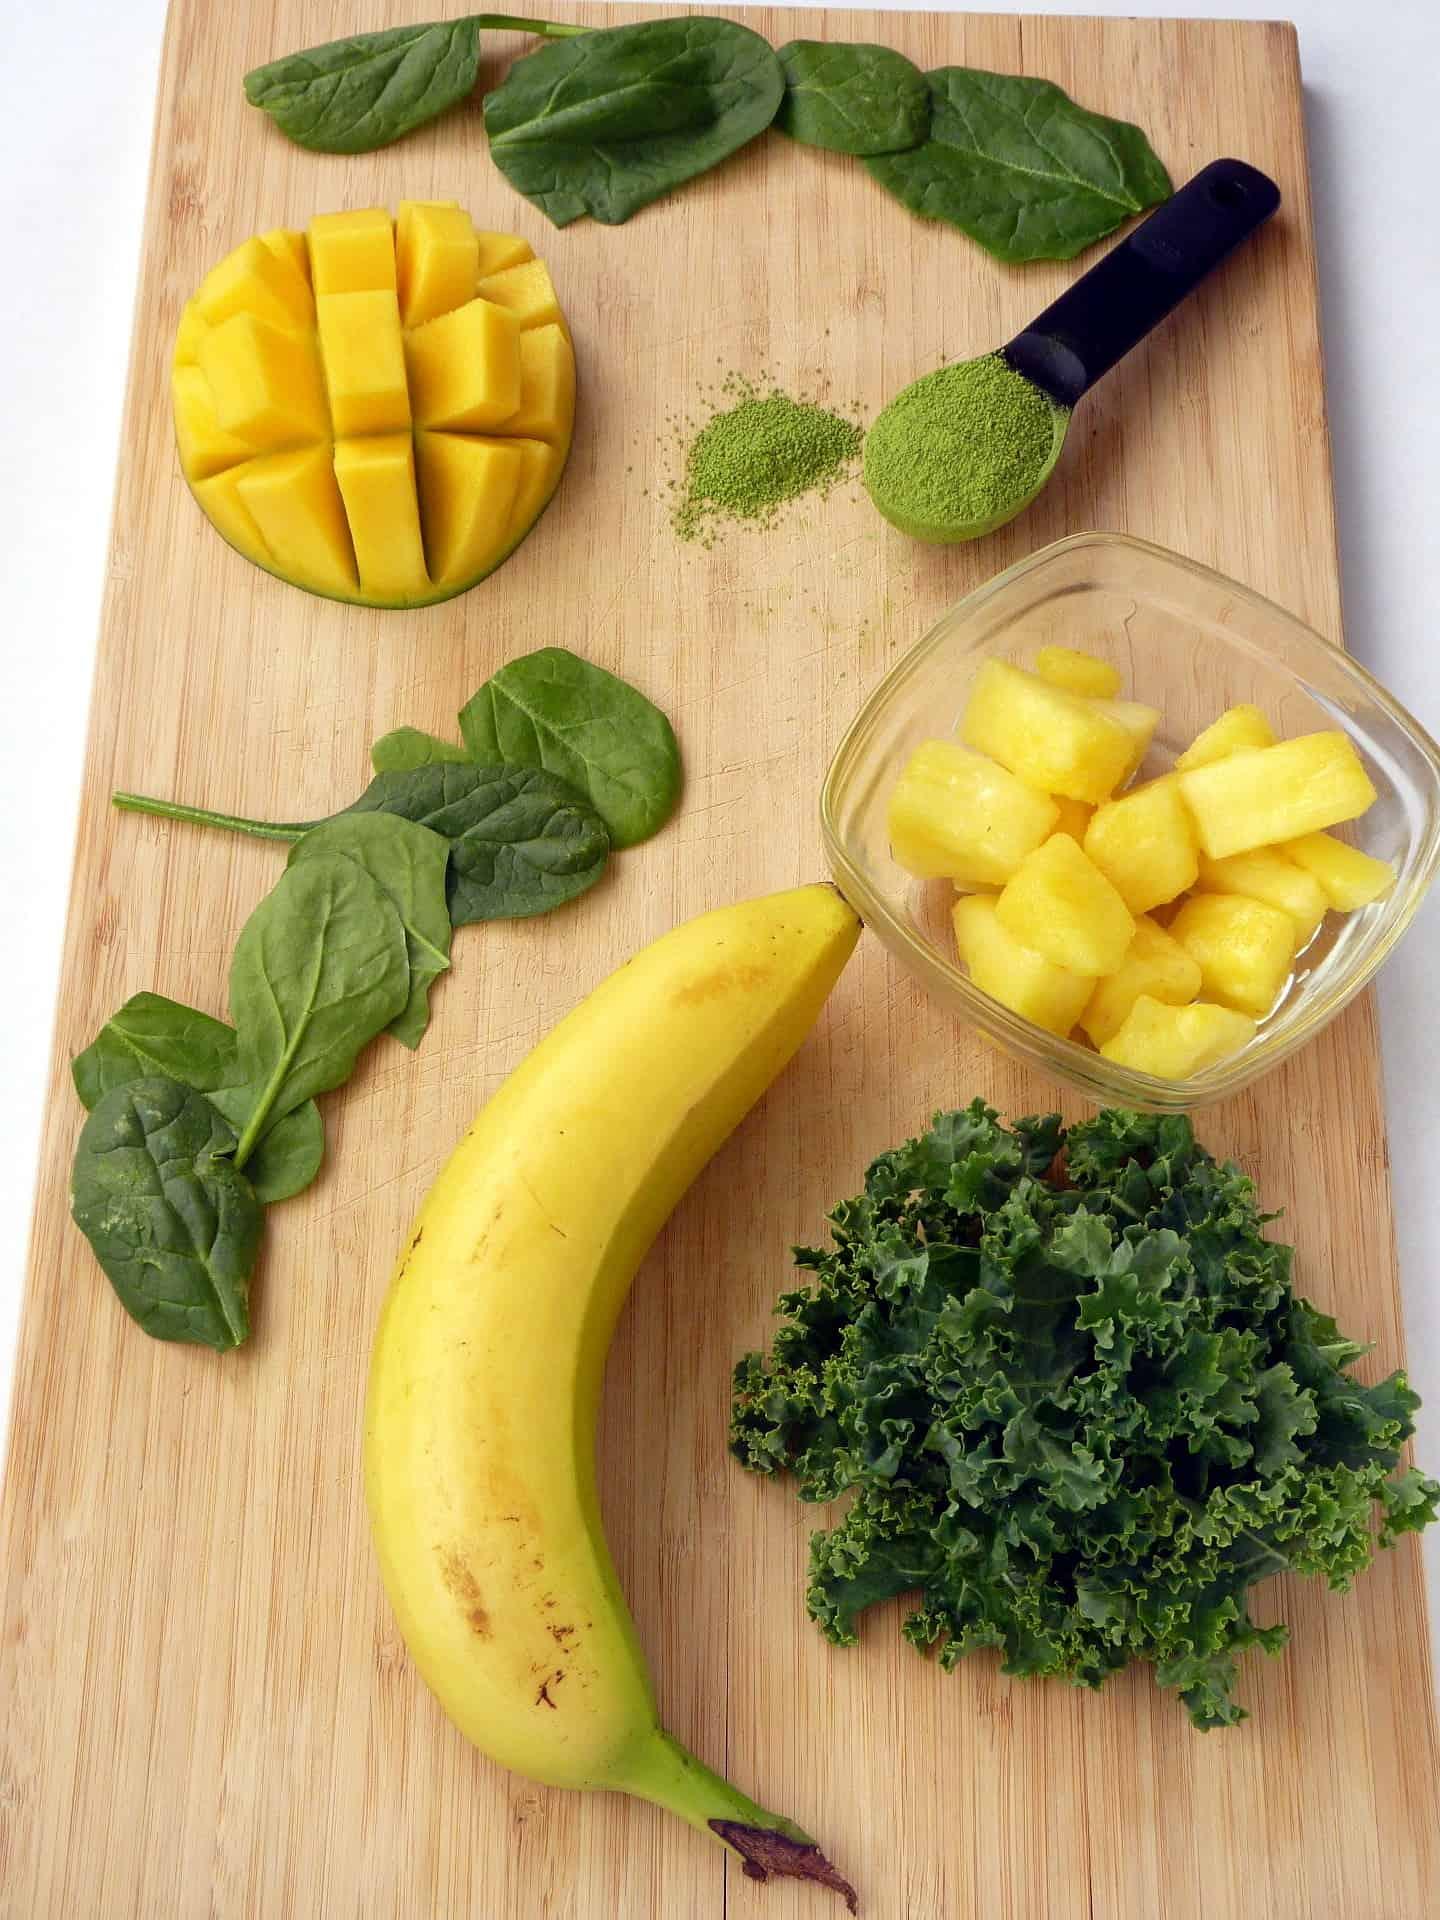 Matcha smoothie recipe ingredients